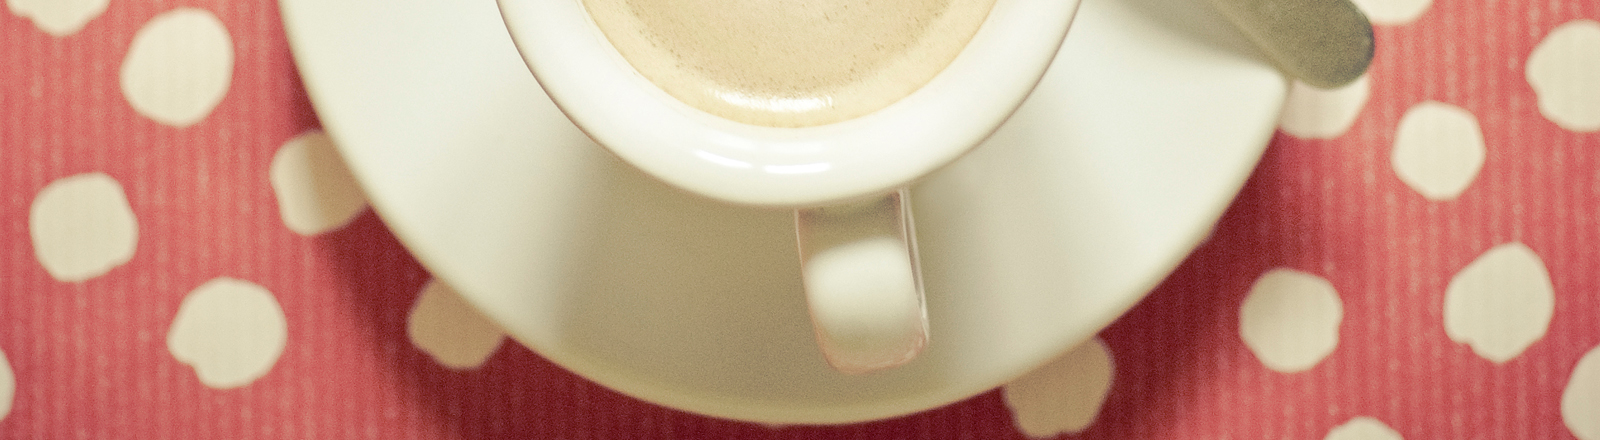 Espressotasse auf roter Tischdecke.